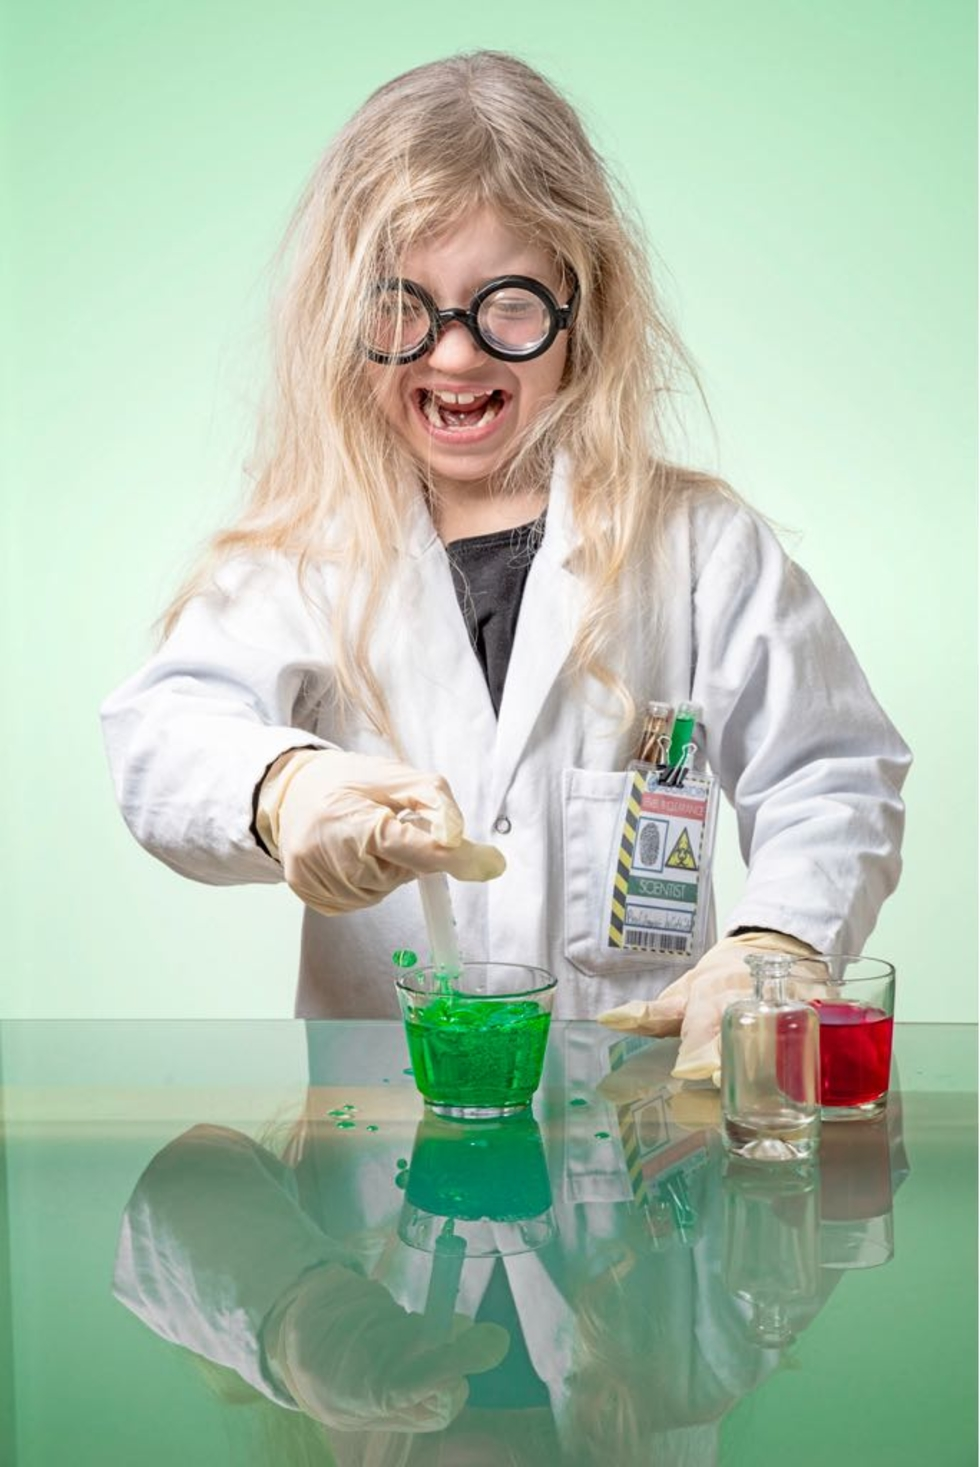 Mädchen mit dicker Brille bei Chemieexperimenten